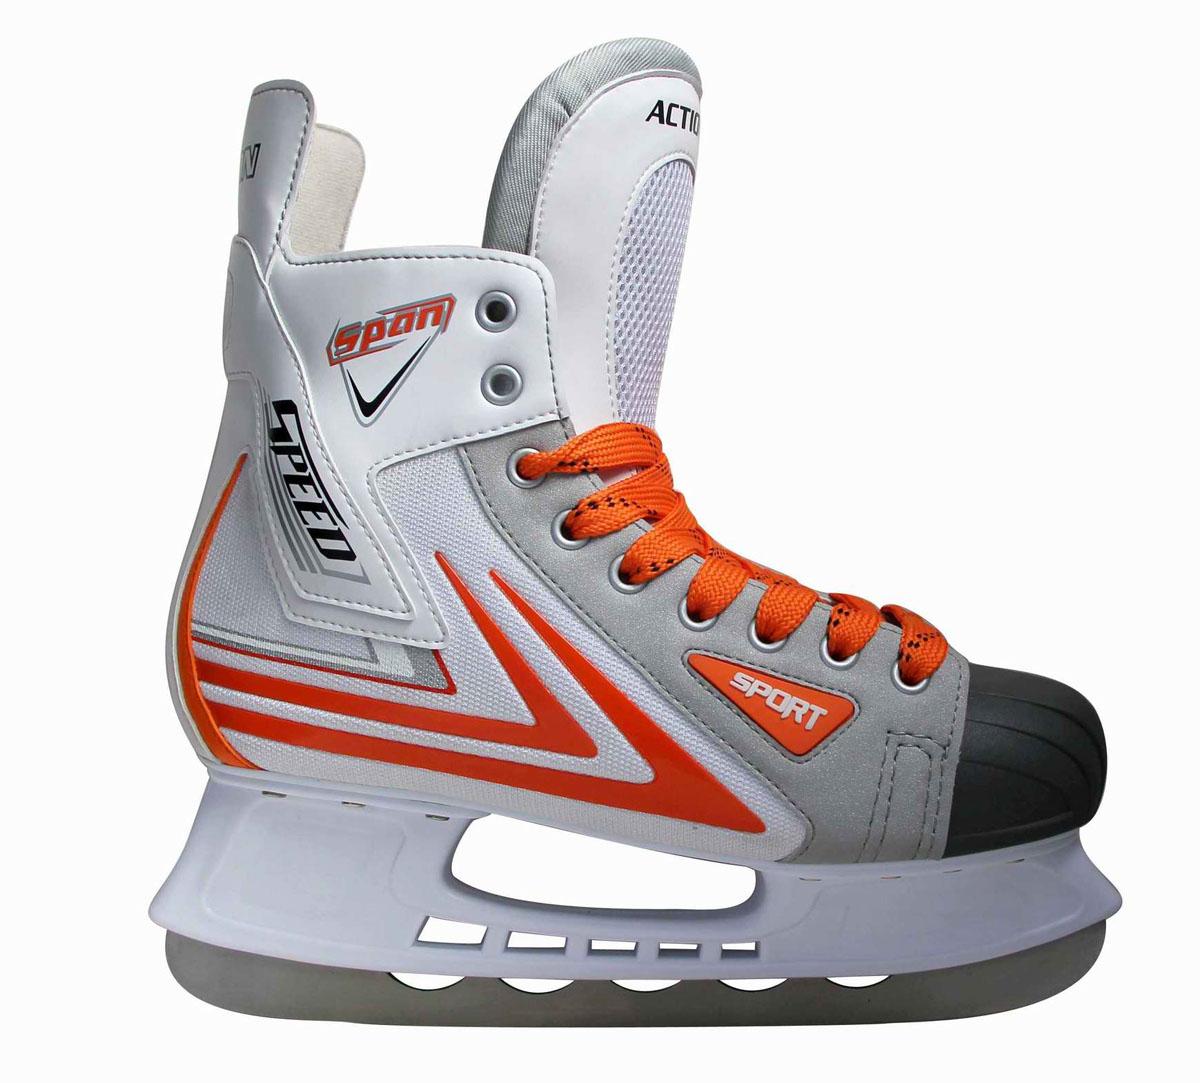 Коньки хоккейные Action, цвет: белый, оранжевый. PW-217. Размер 43